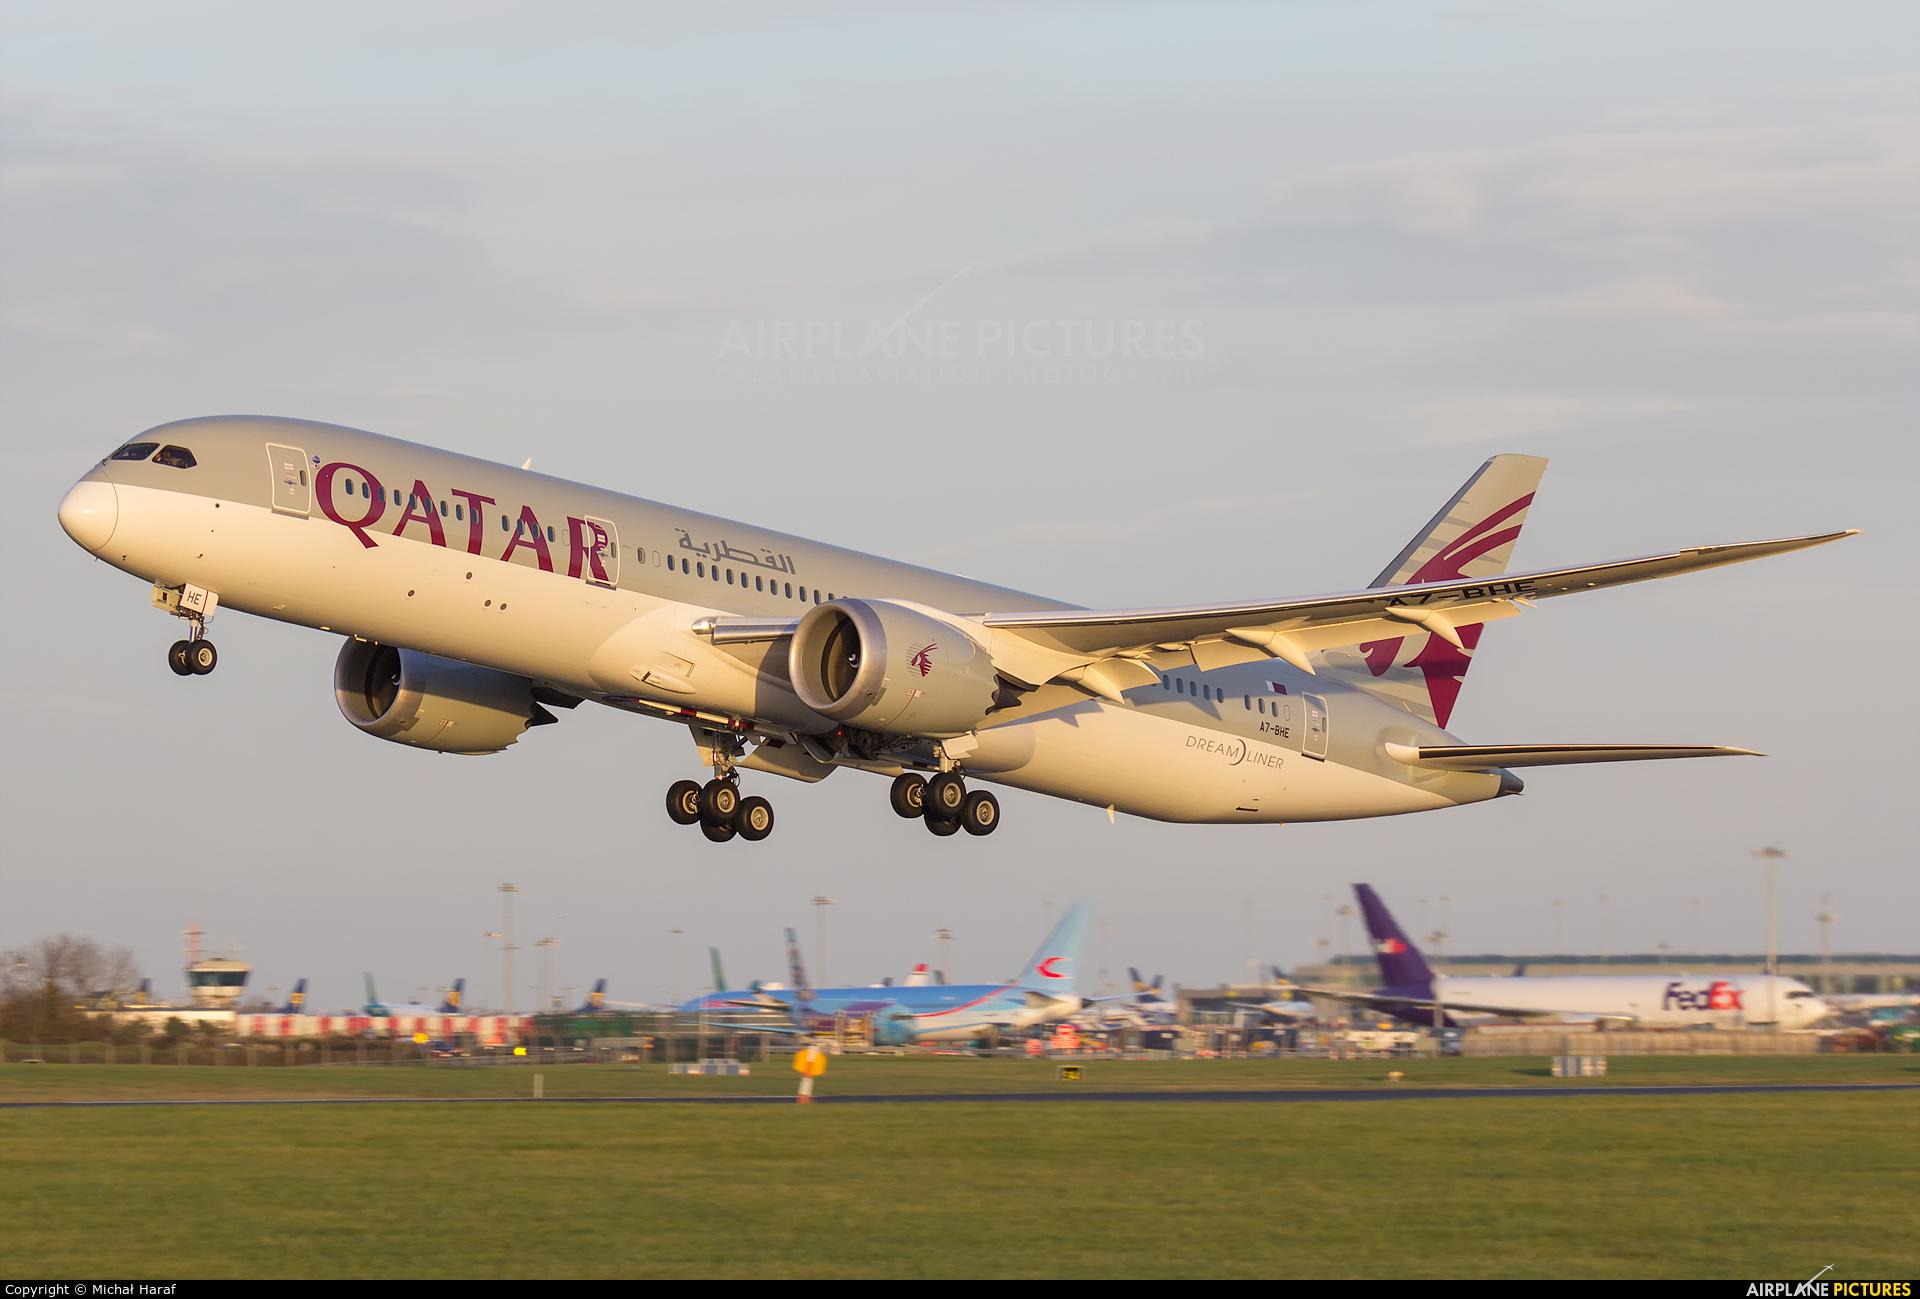 Qatar Airways A7-BHE aircraft at Dublin